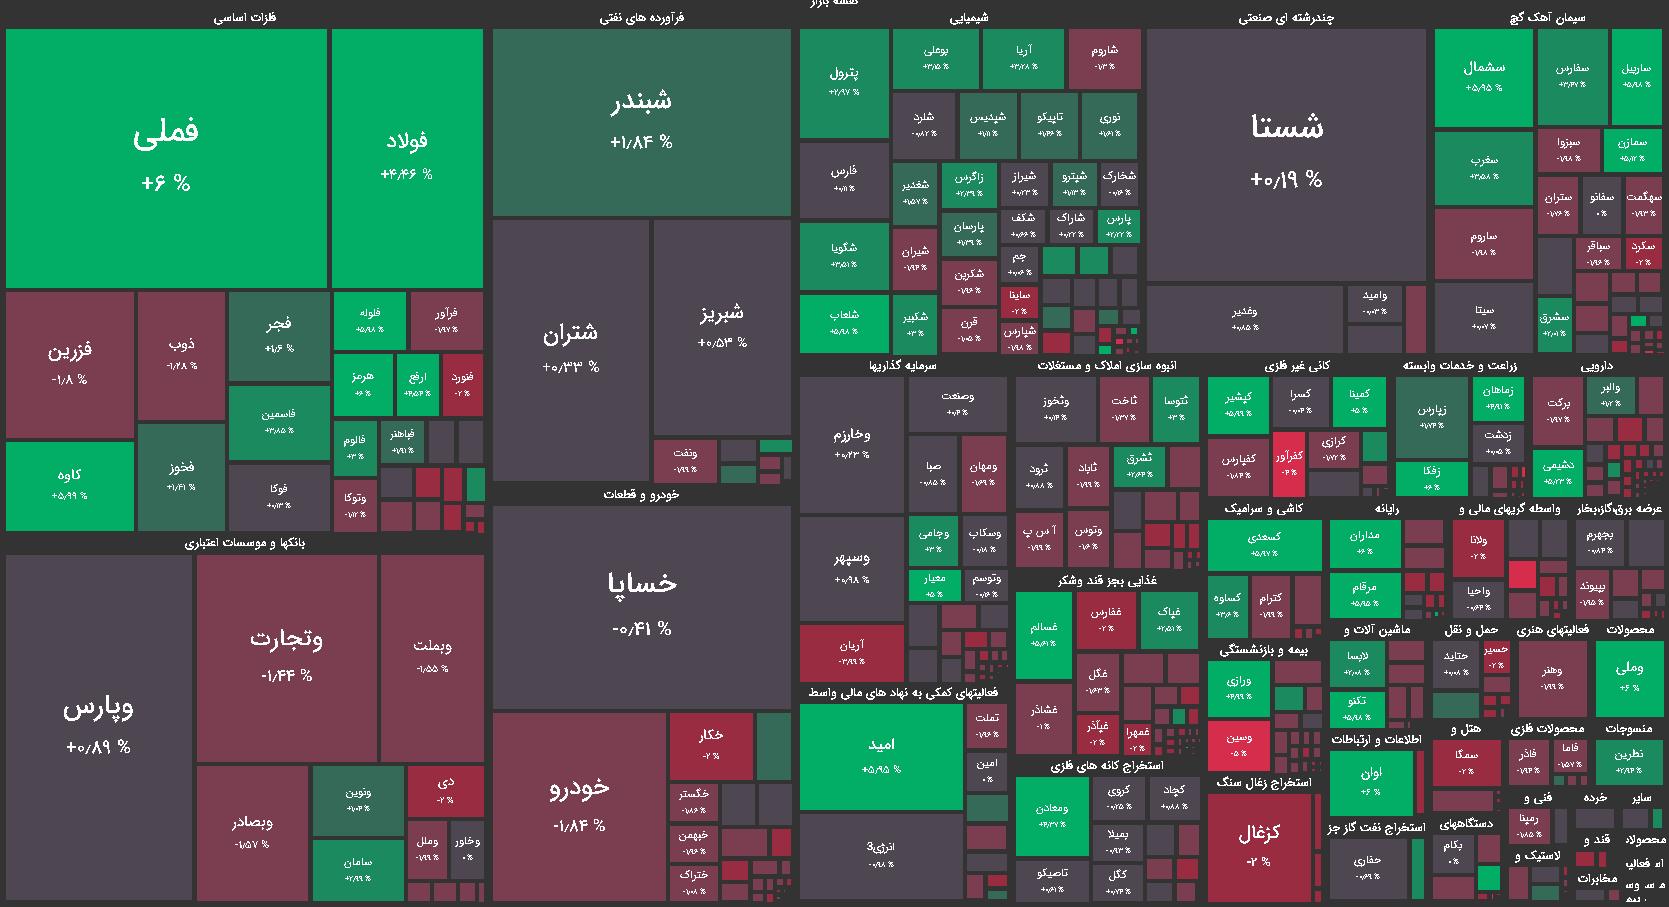 نقشه بازار بورس سه شنبه 5 اسفند